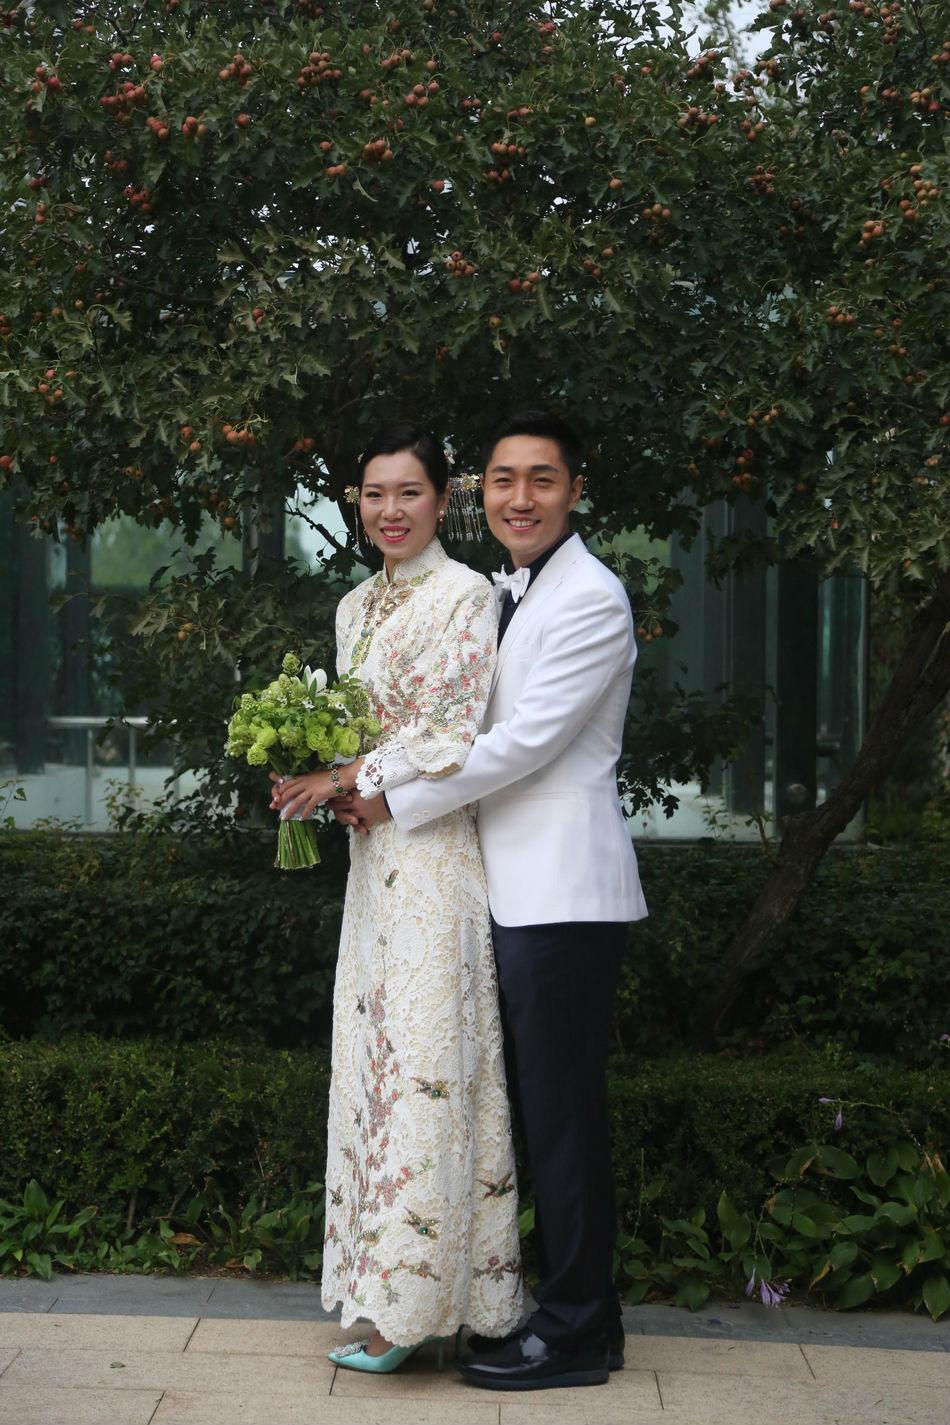 李晓霞今日大婚宴 奥运冠军秒变小女人